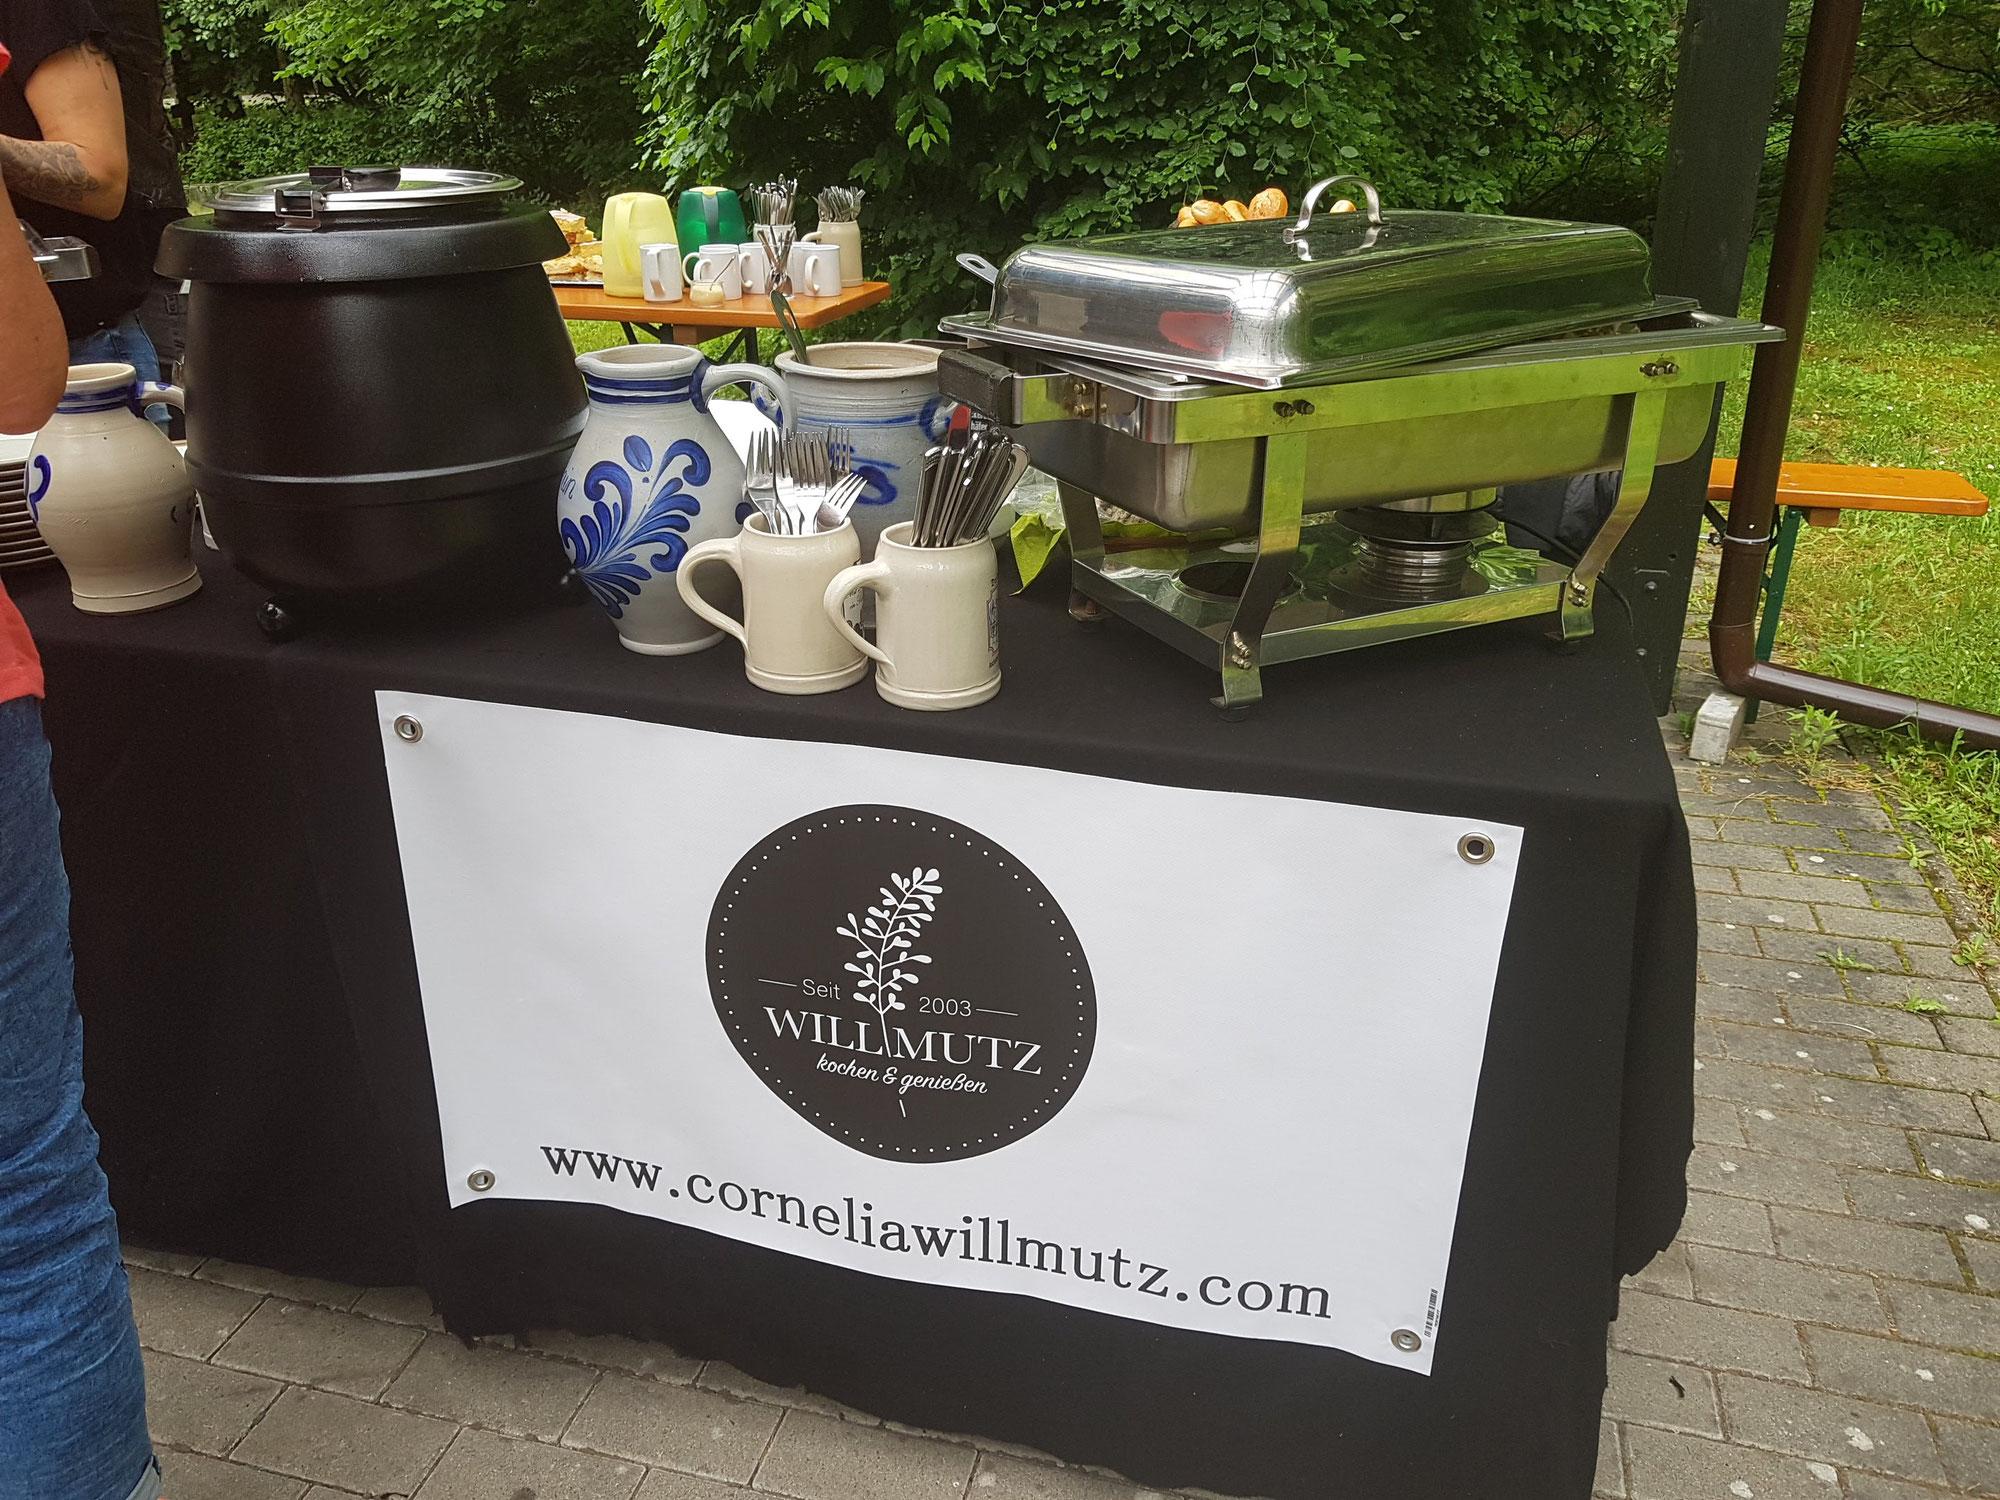 06.06.2021 Willmutz kochen & Genießen im Wanderclubhaus